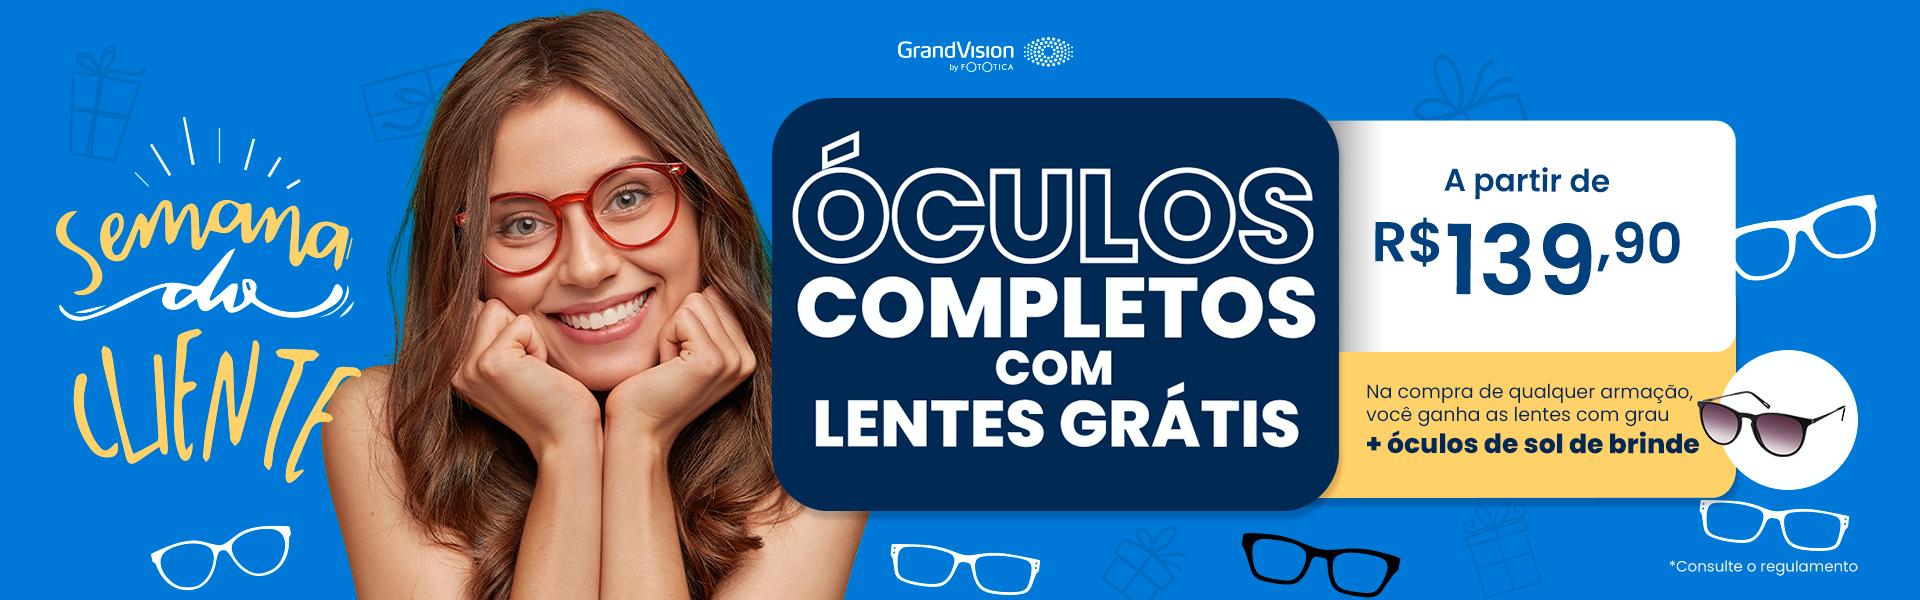 Oculos Completos com Lentes Gratis